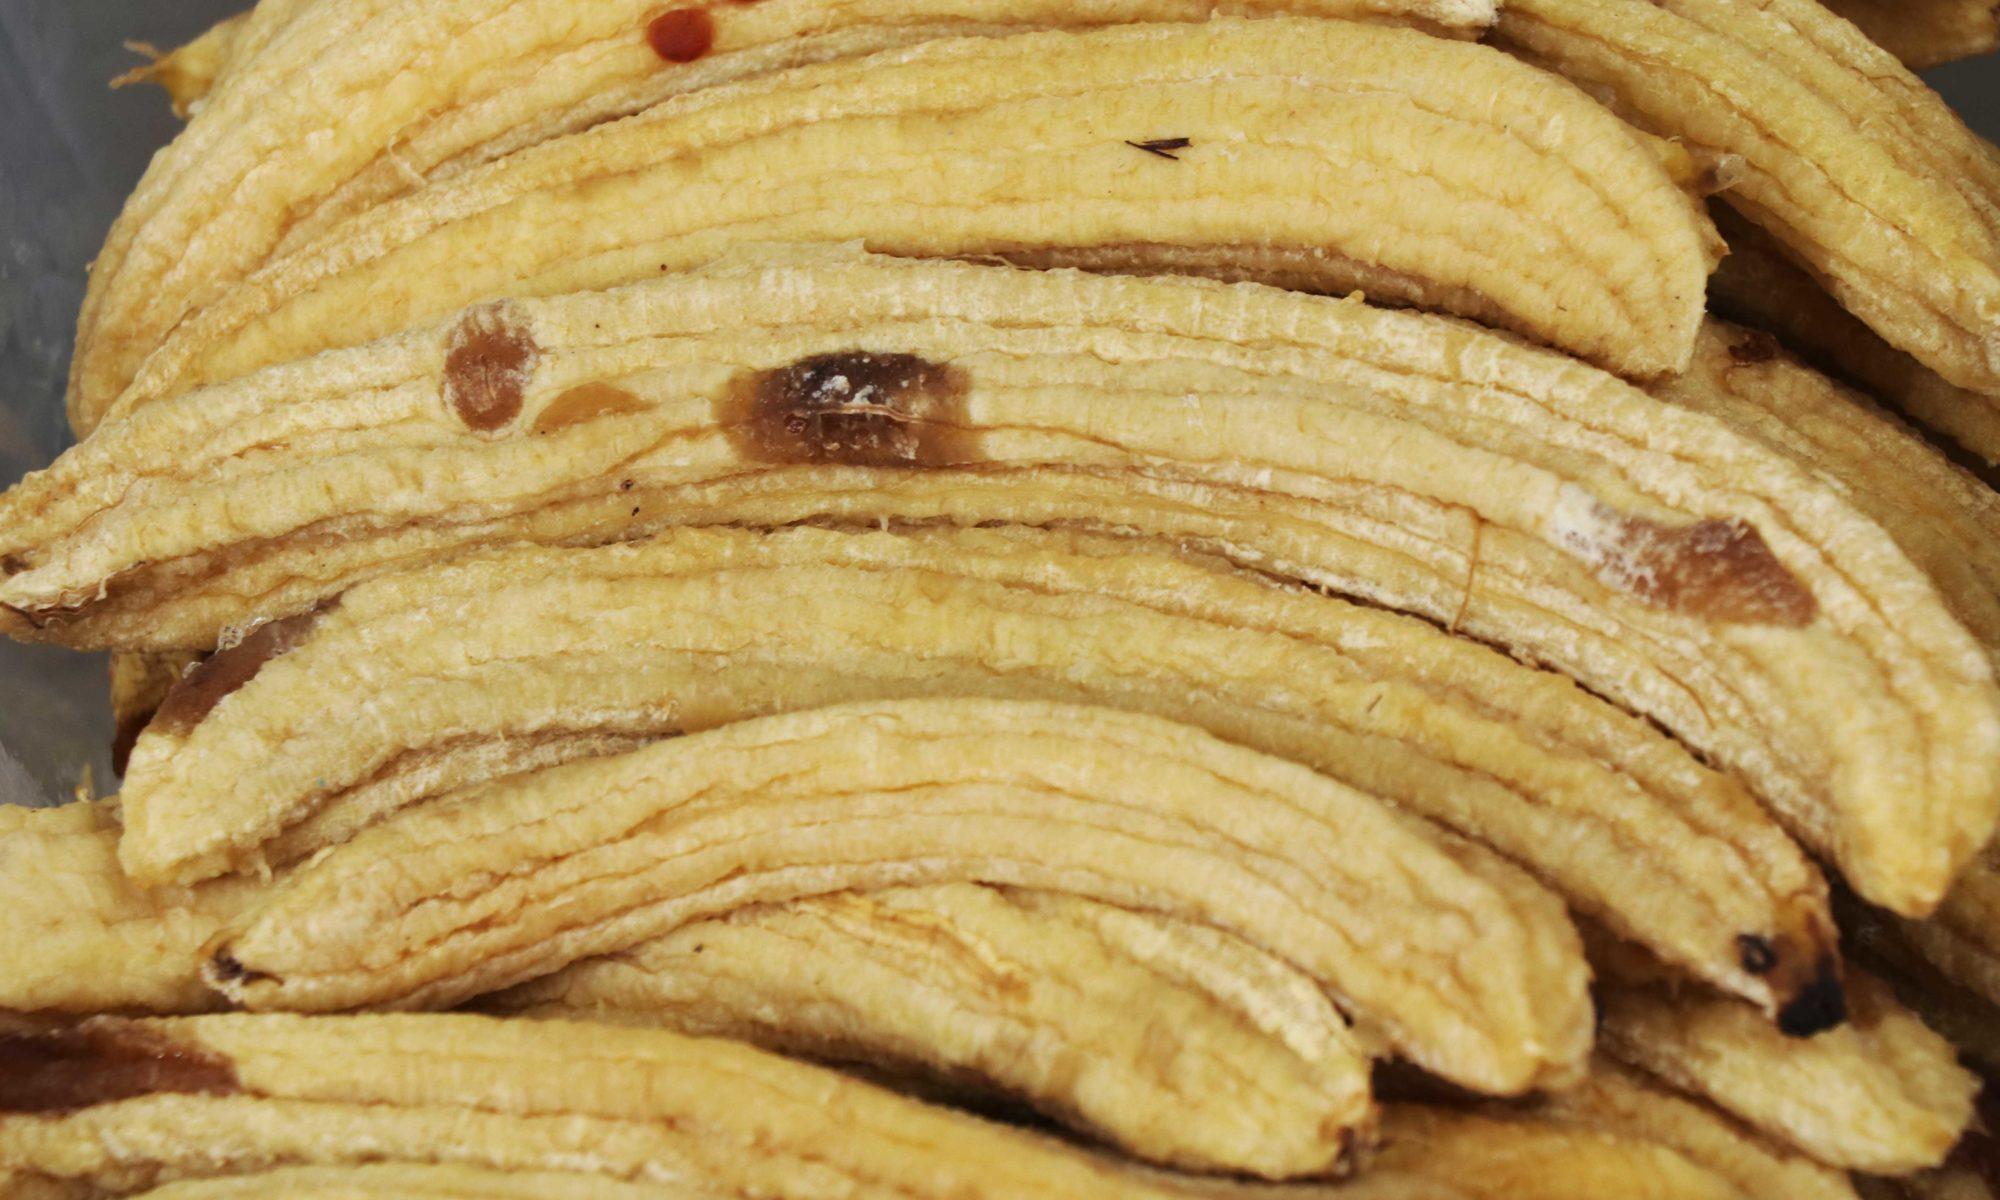 Banane moelleuse